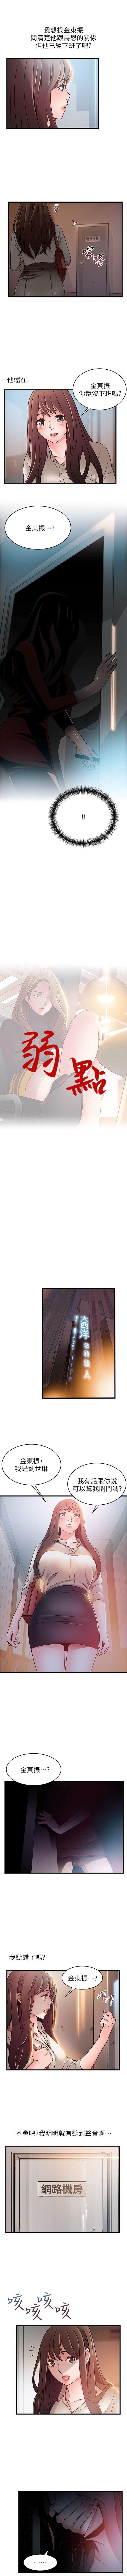 (週7)弱點 1-76 中文翻譯(更新中) 341